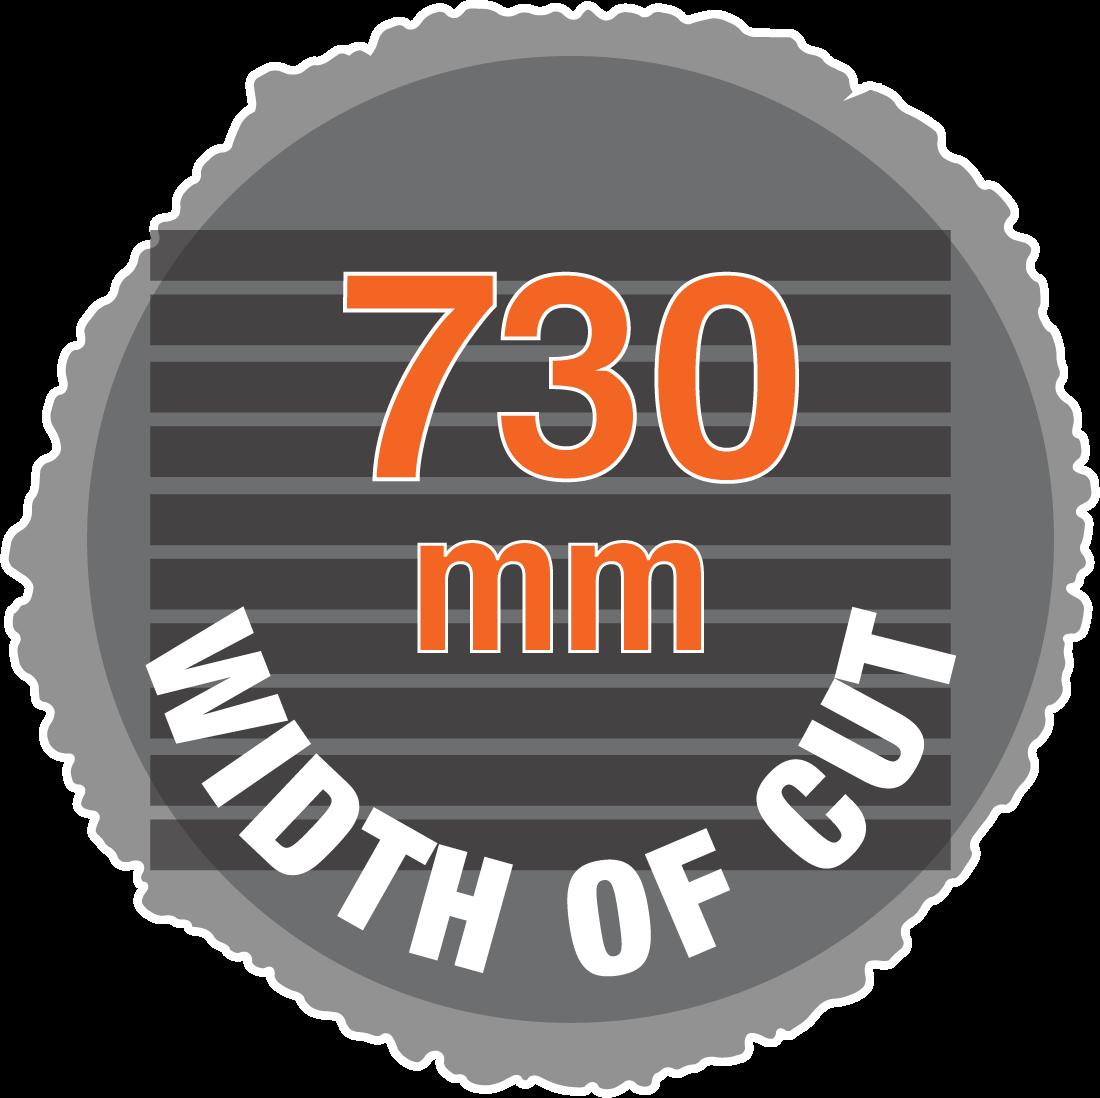 730mm width of cut hydraulic sawmill